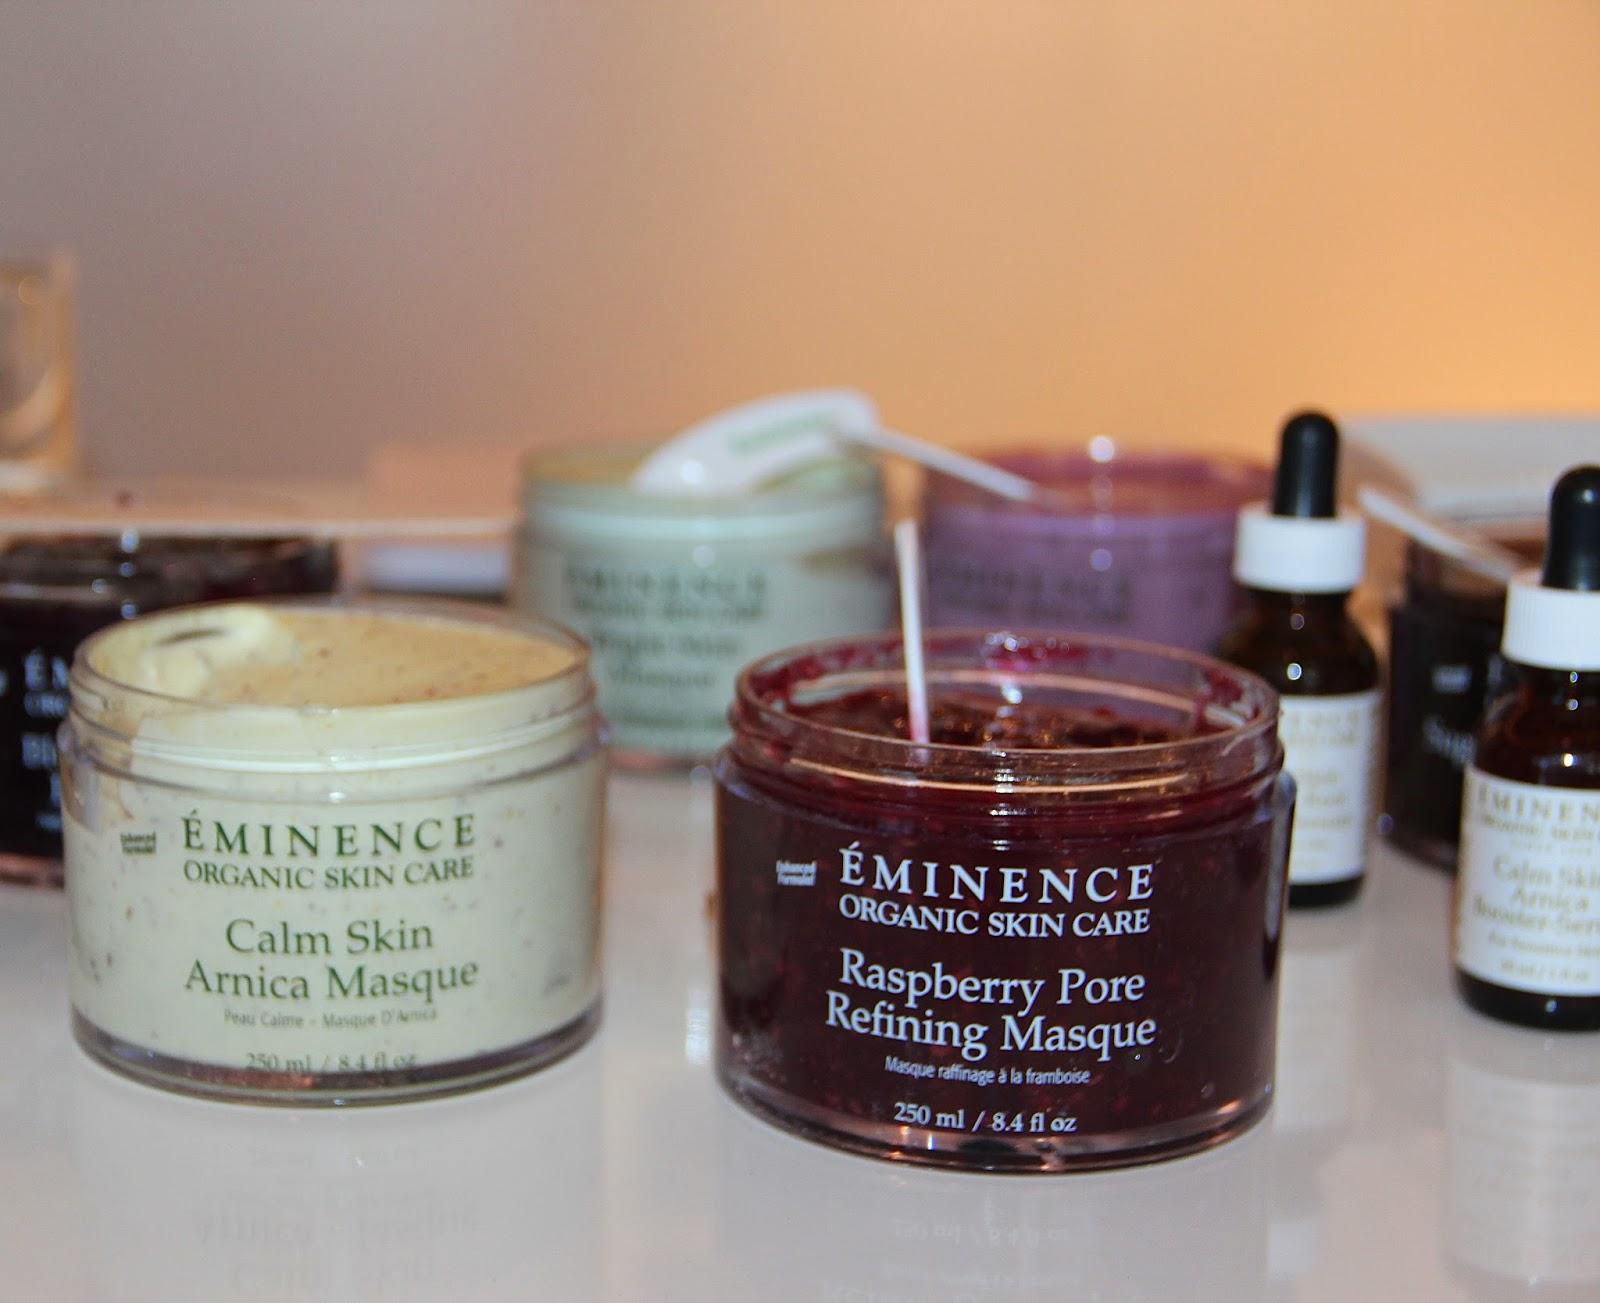 Kết quả hình ảnh cho Eminence Organic Skin Care Raspberry Pore Refining Masque